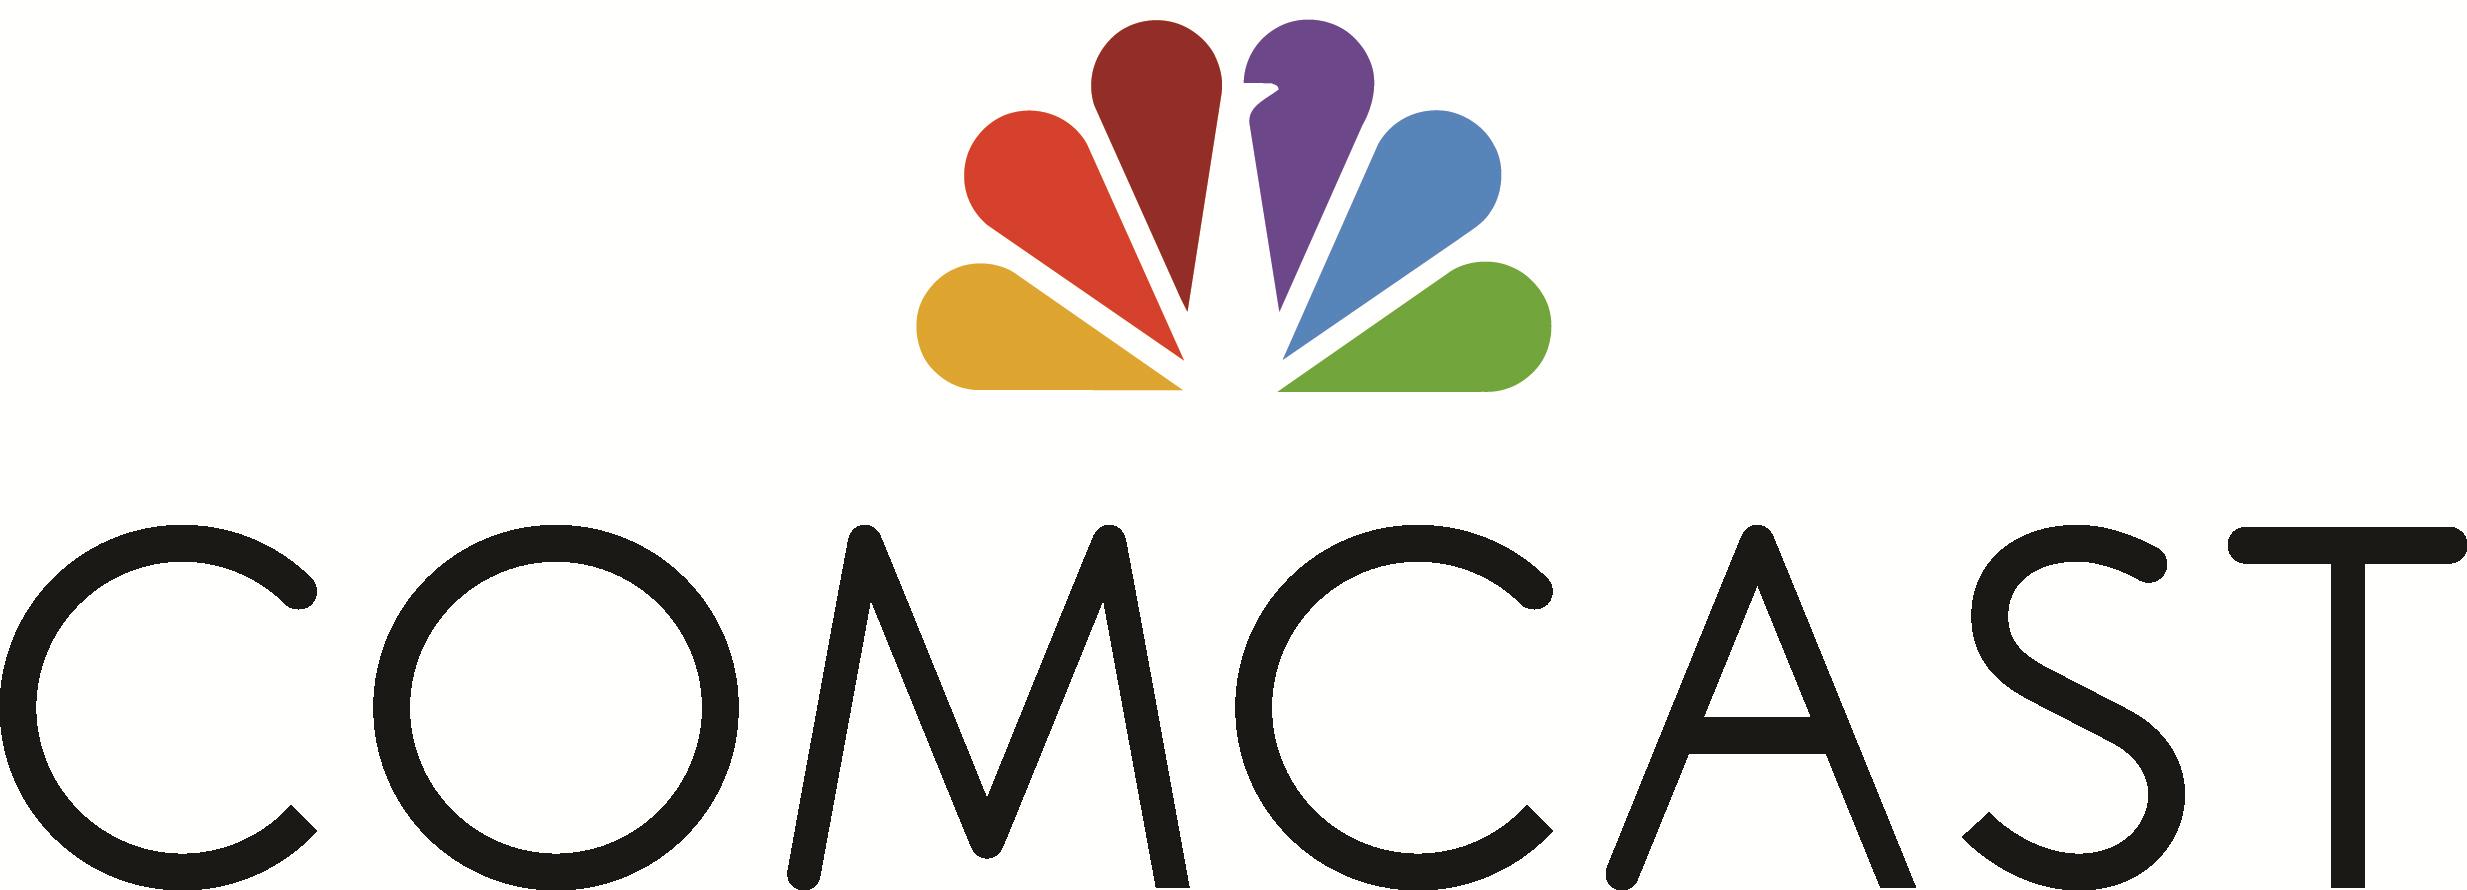 Comcast Cable logo